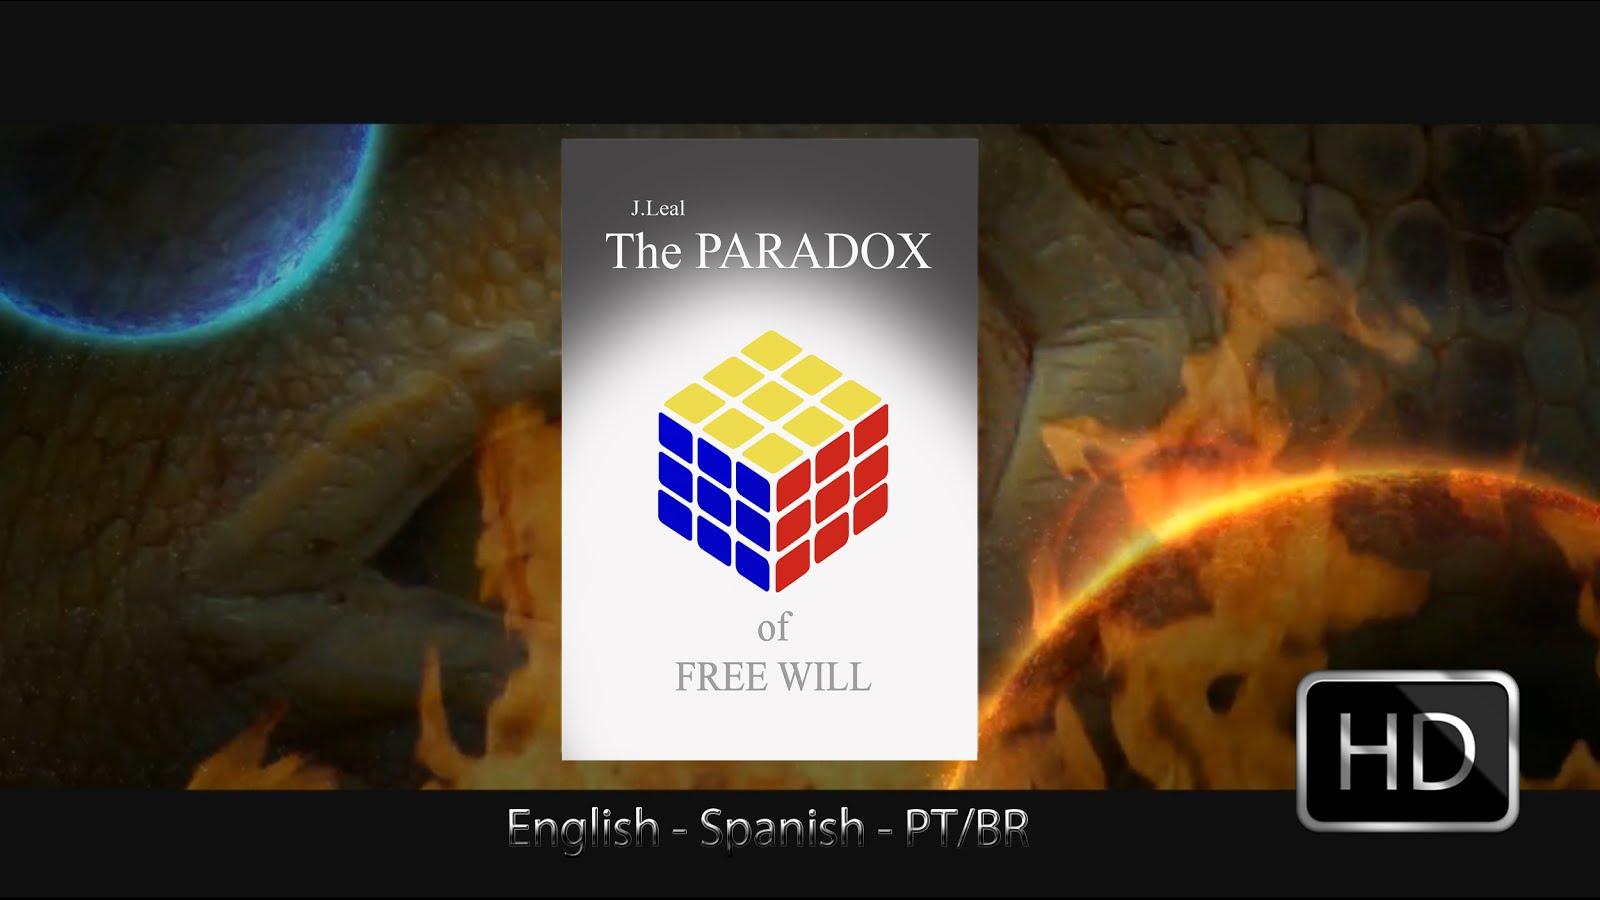 Jleal o paradoxo do livre arbtrio verso em ptbr d3 ghost veja o vdeo clicando aqui fandeluxe Gallery